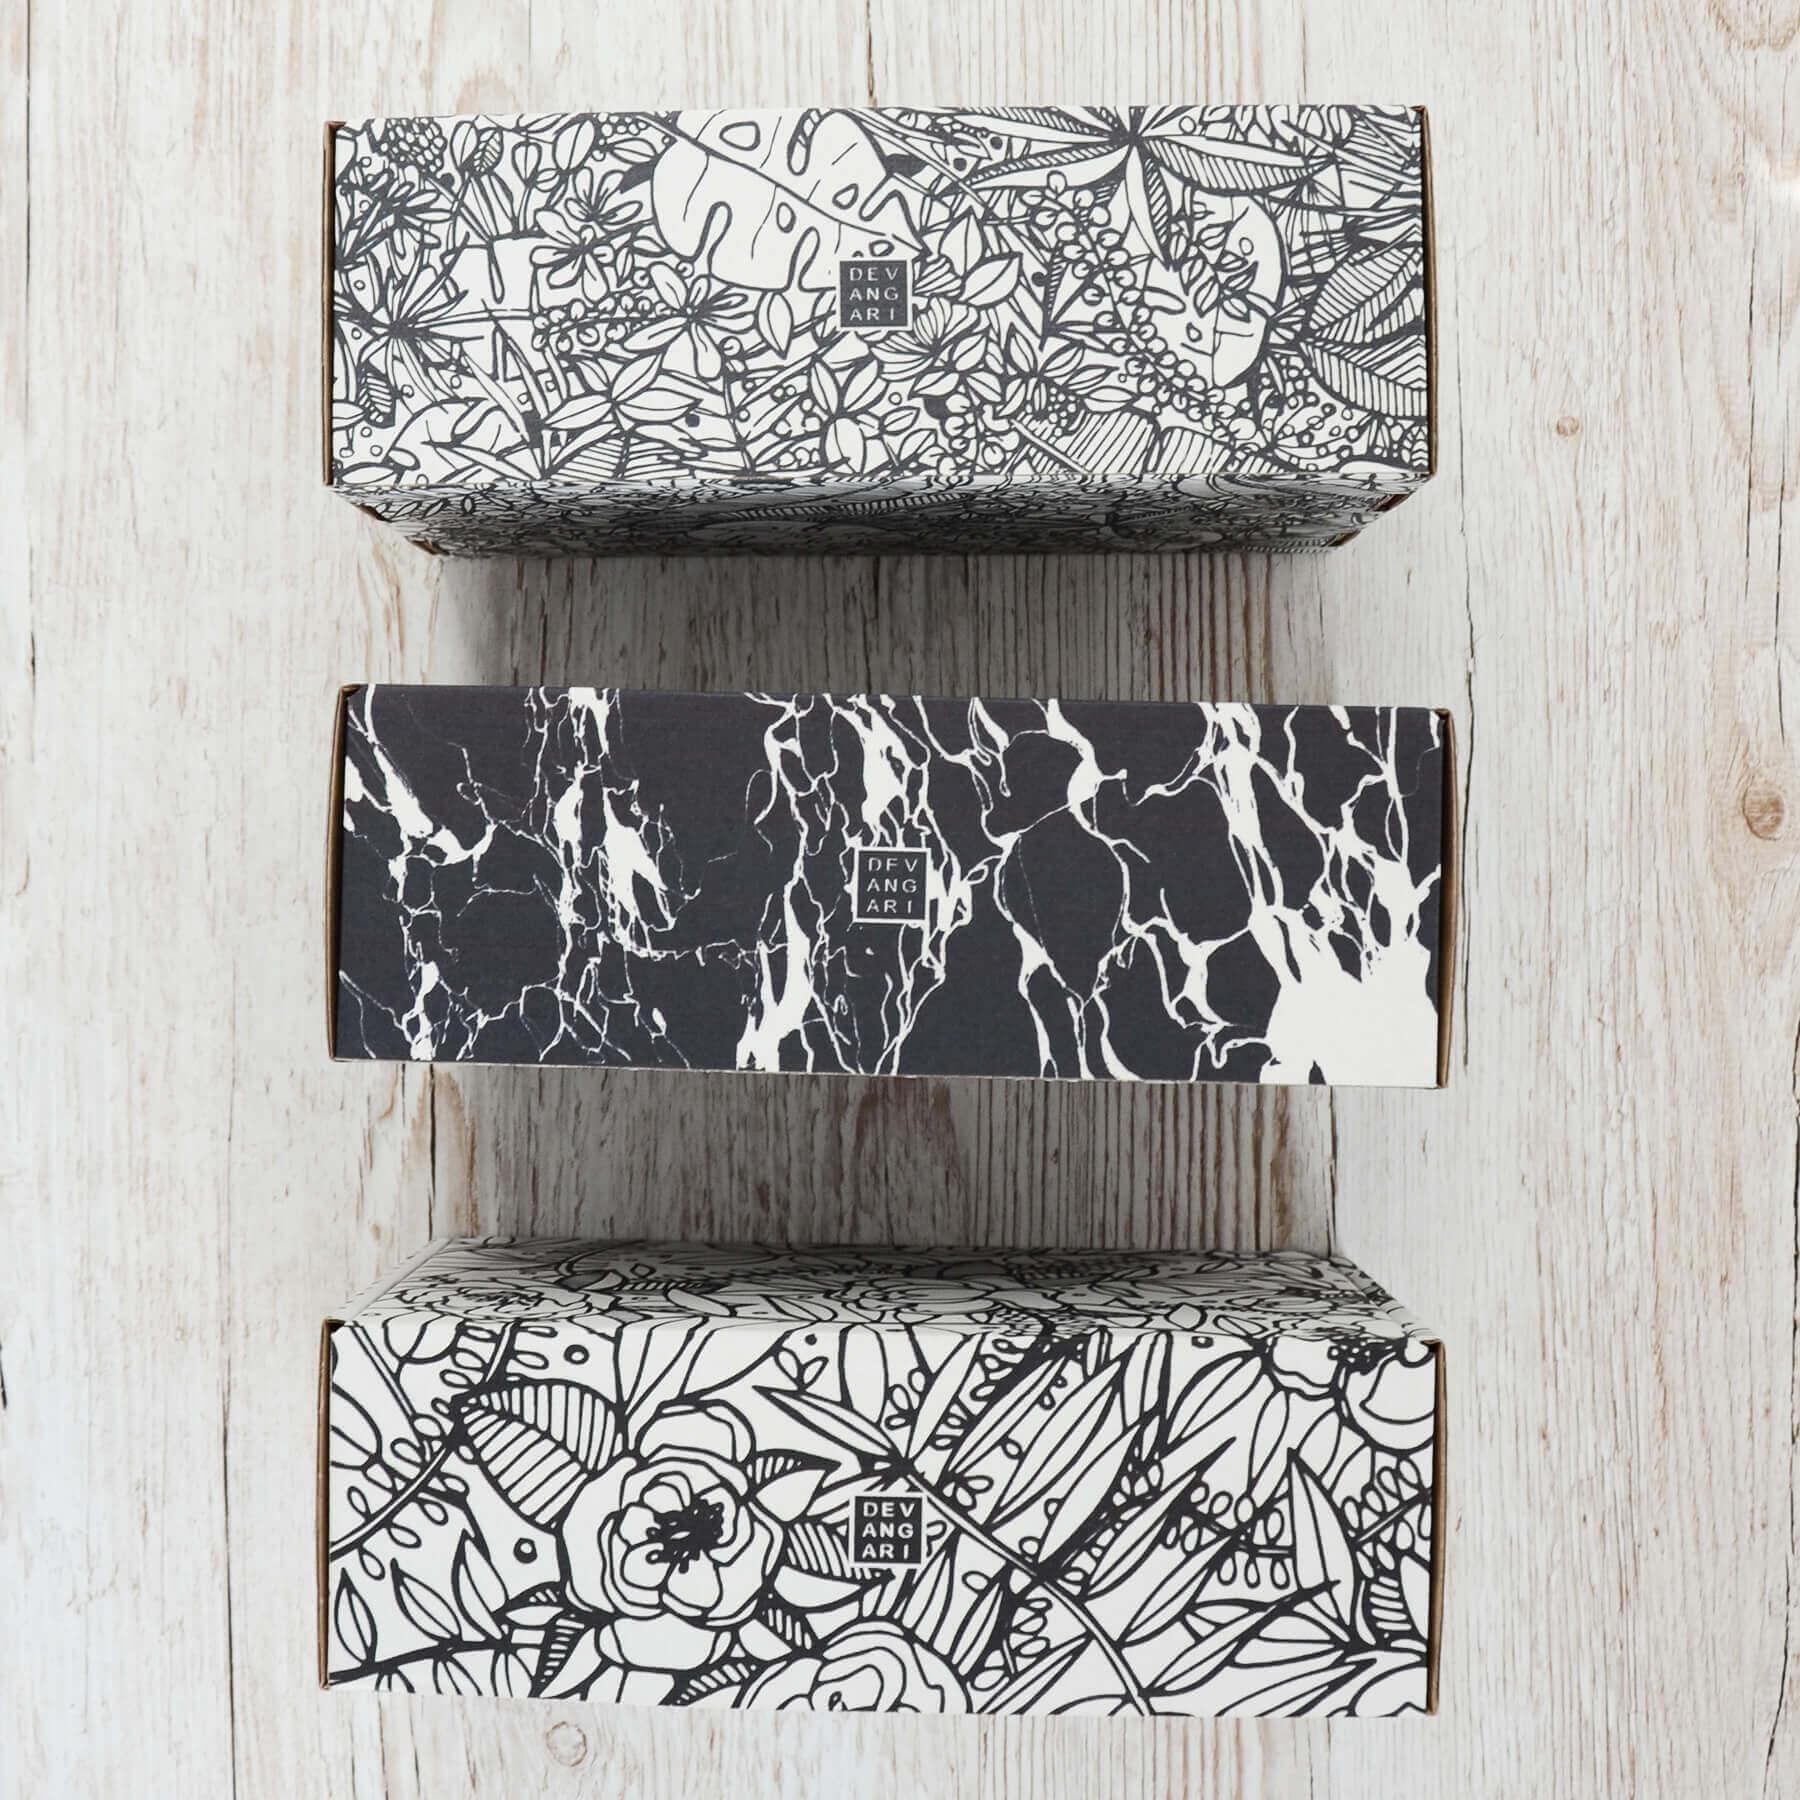 Boîtes de luxe stylisées façon marbre de Devangari